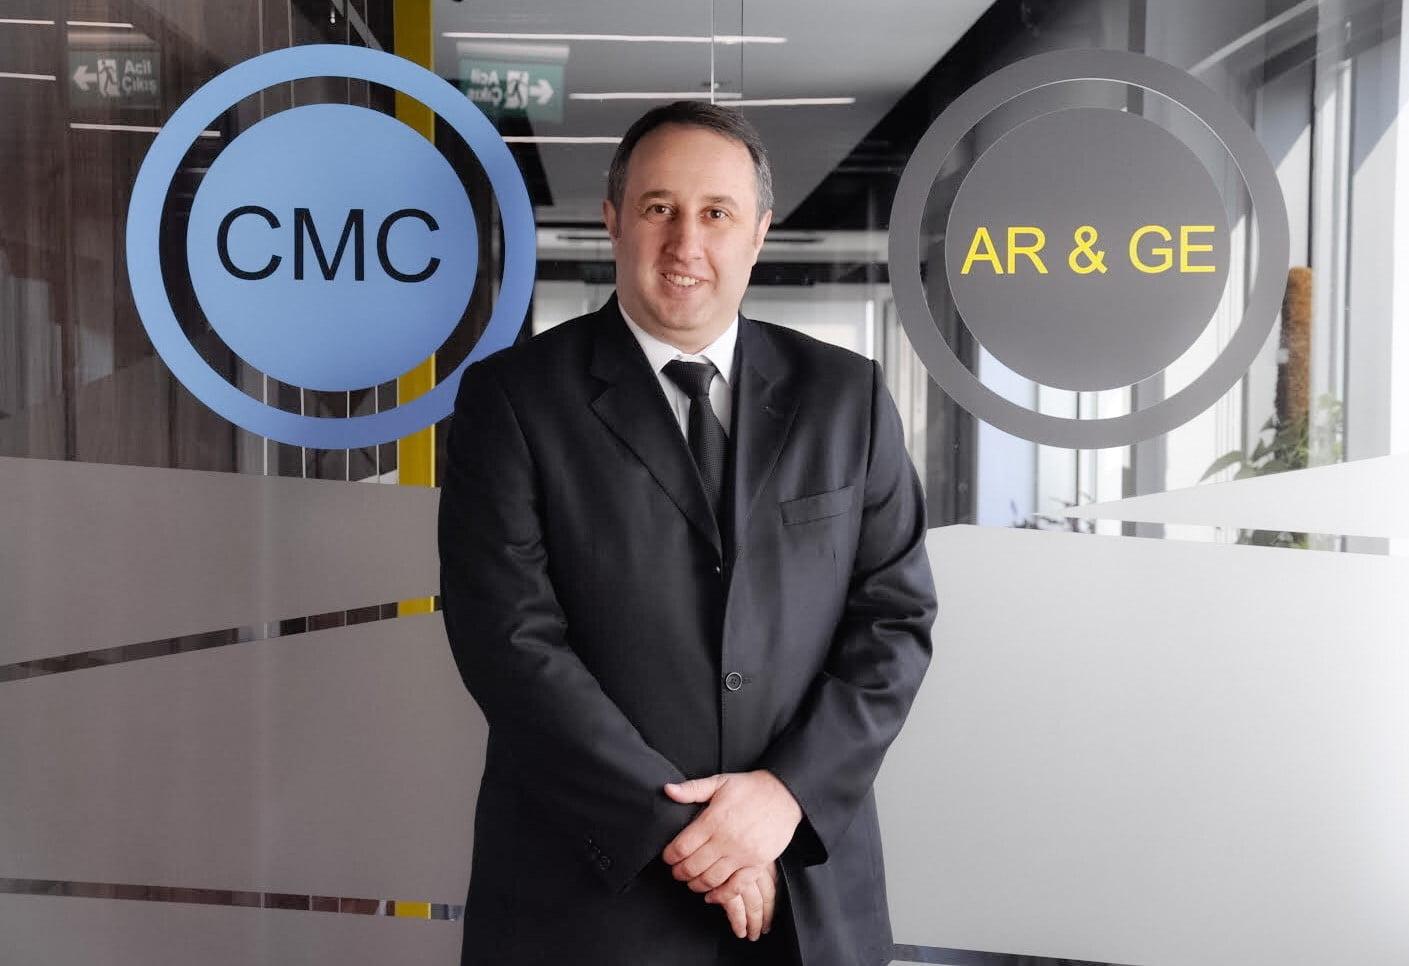 CMC Radar ile çağrı merkezi çalışanları ayda 60 saat tasarruf ediyor.